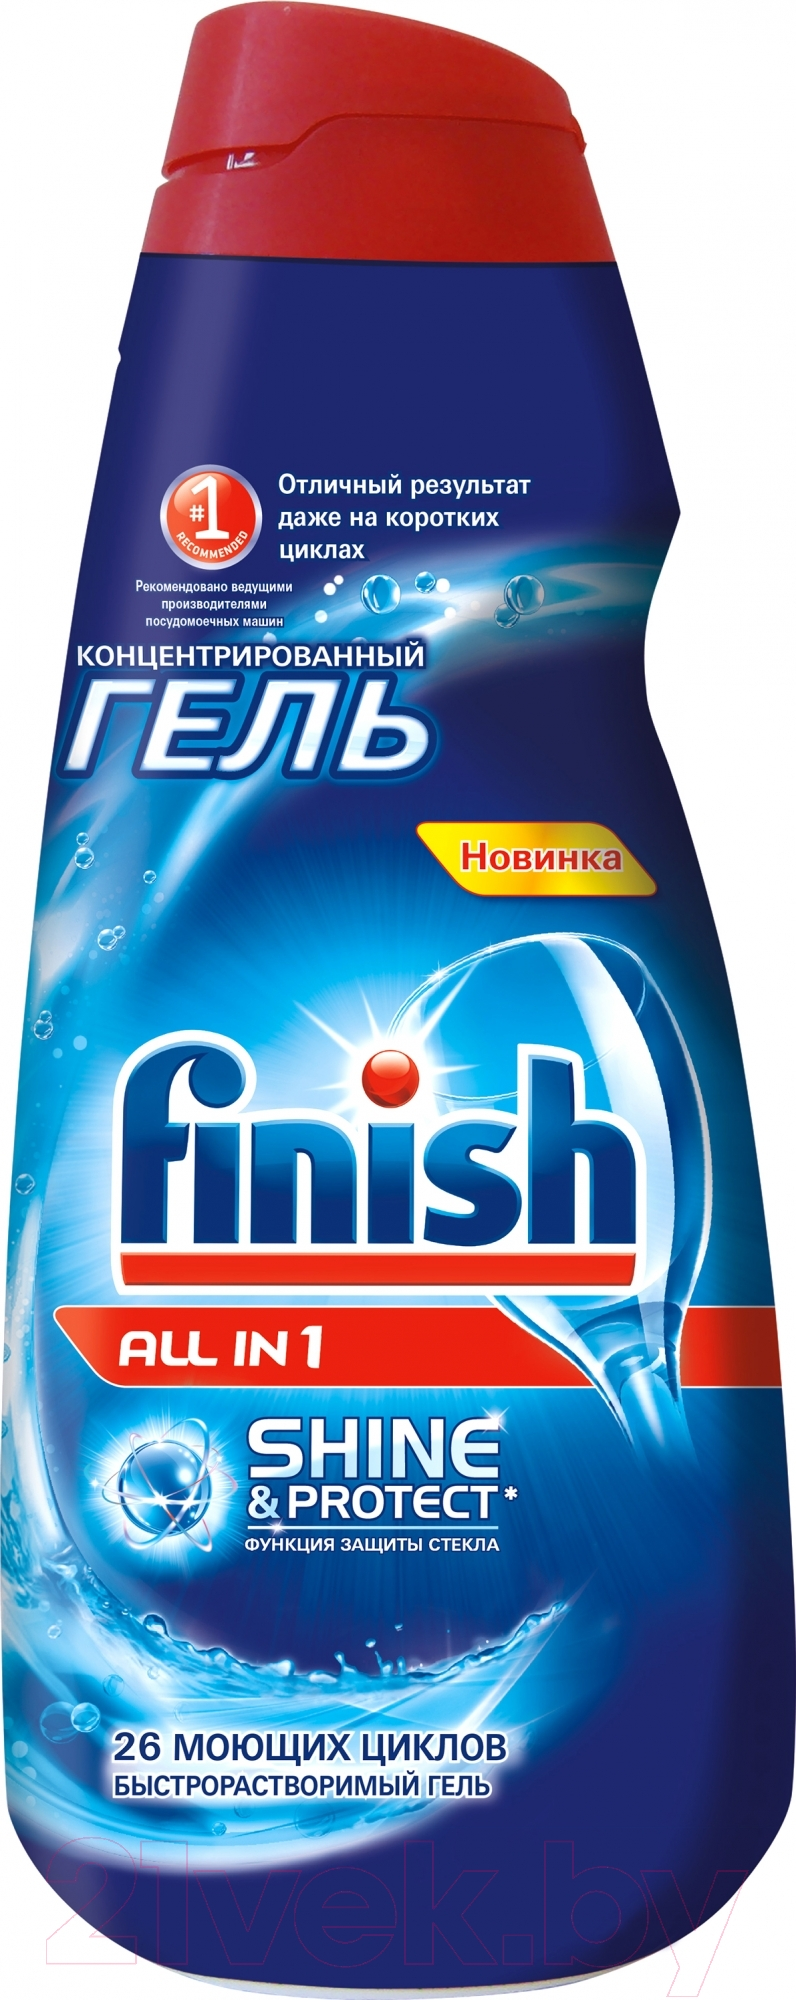 Купить Гель для посудомоечных машин Finish, All in One (1л), Венгрия